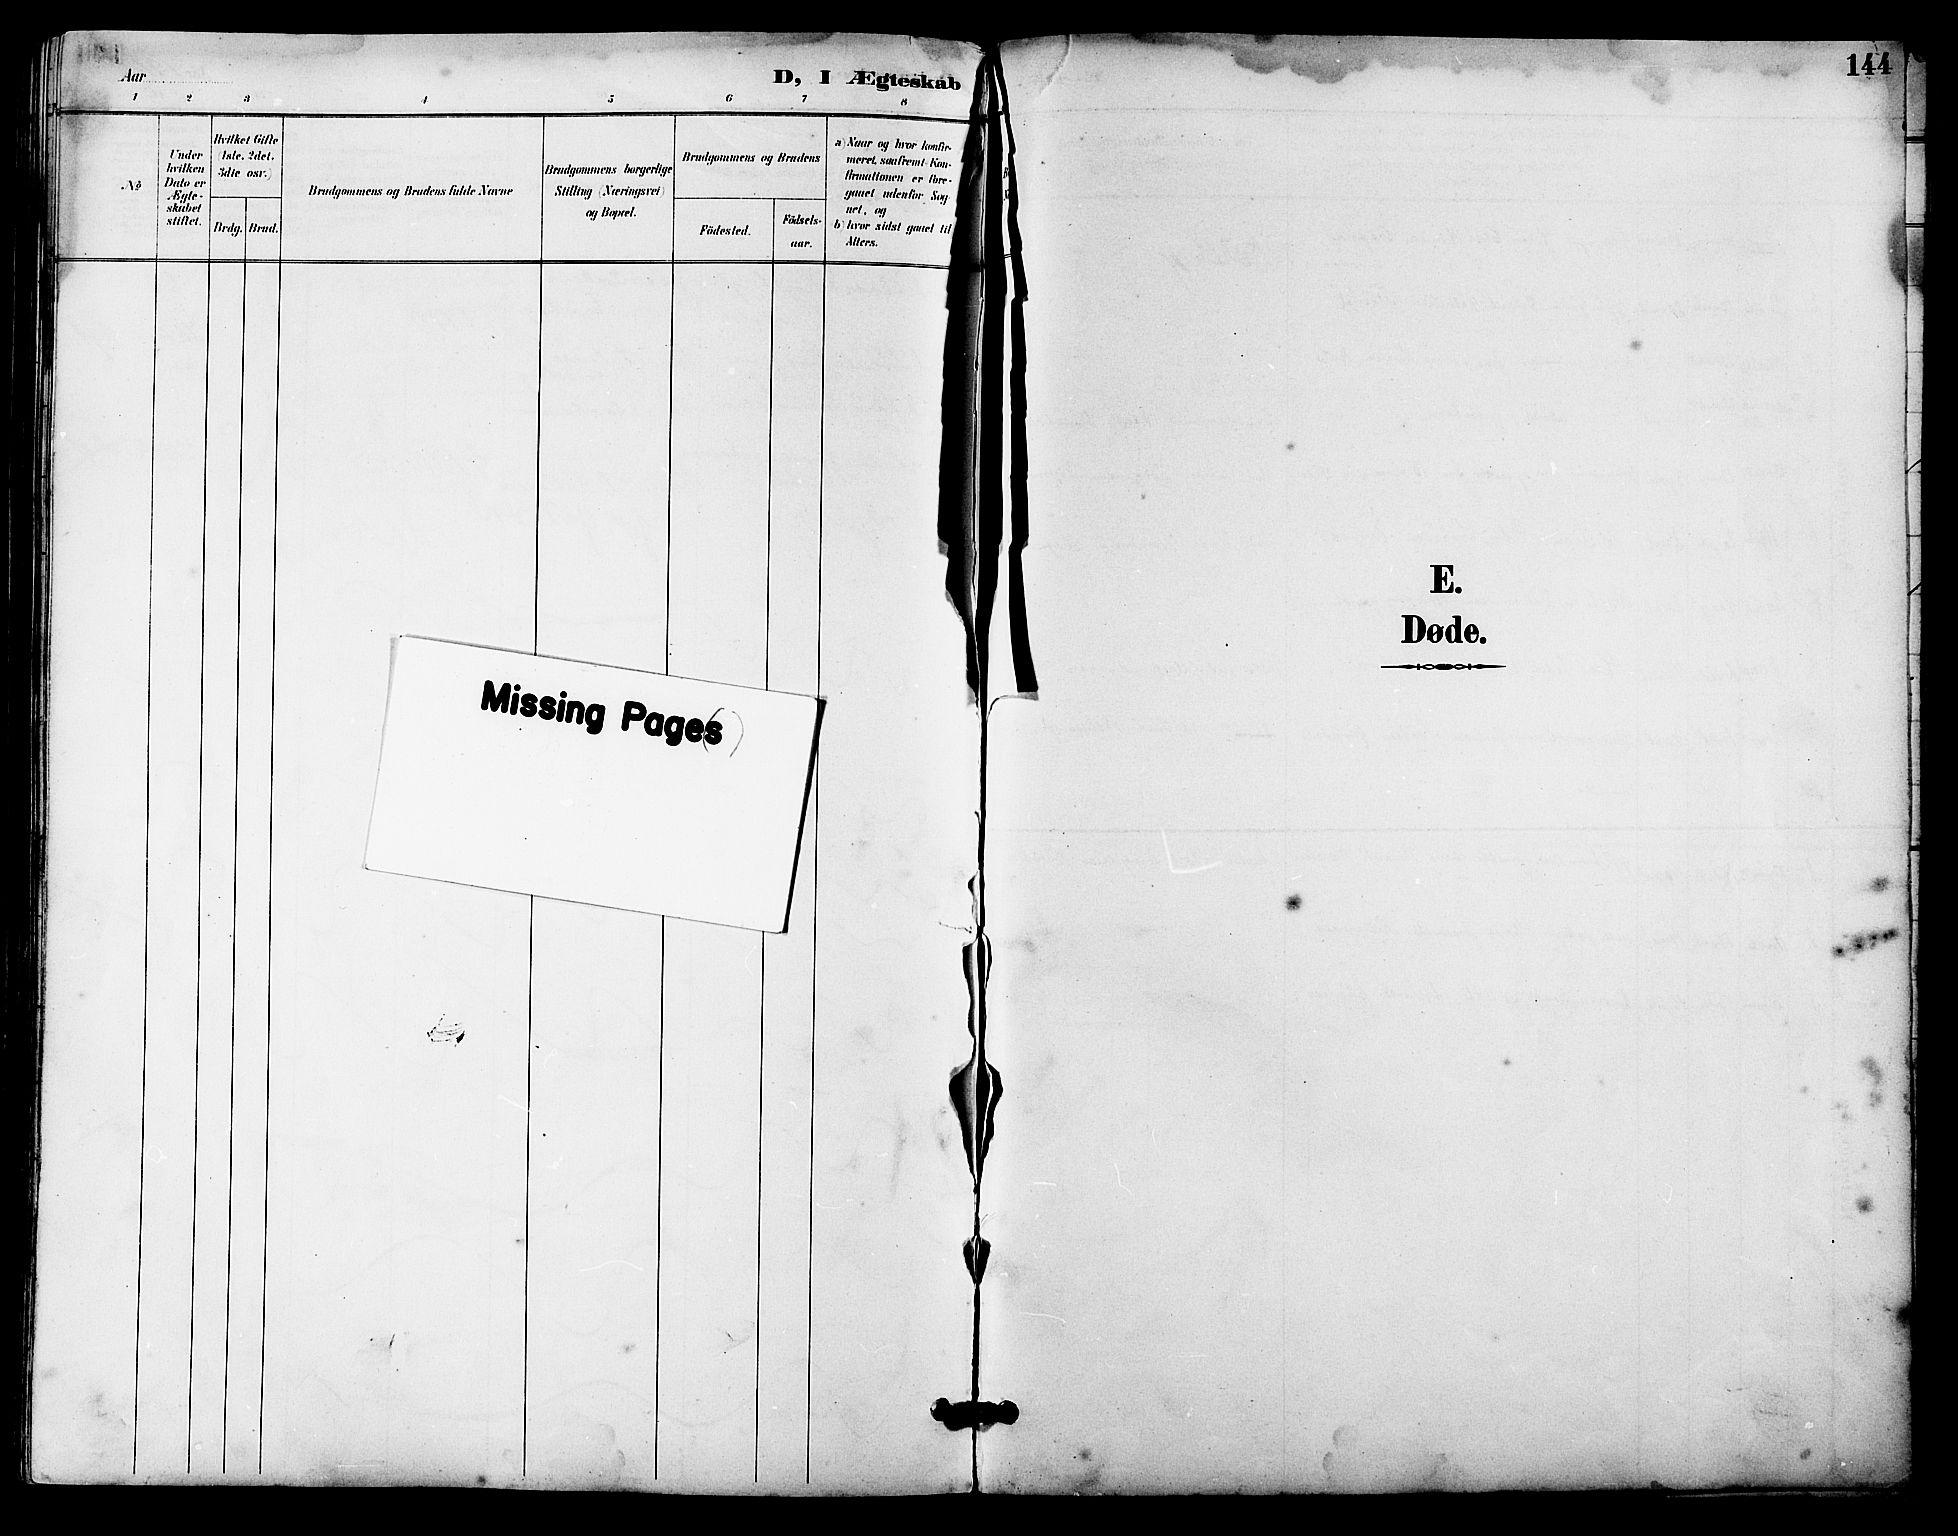 SAT, Ministerialprotokoller, klokkerbøker og fødselsregistre - Sør-Trøndelag, 641/L0598: Klokkerbok nr. 641C02, 1893-1910, s. 144